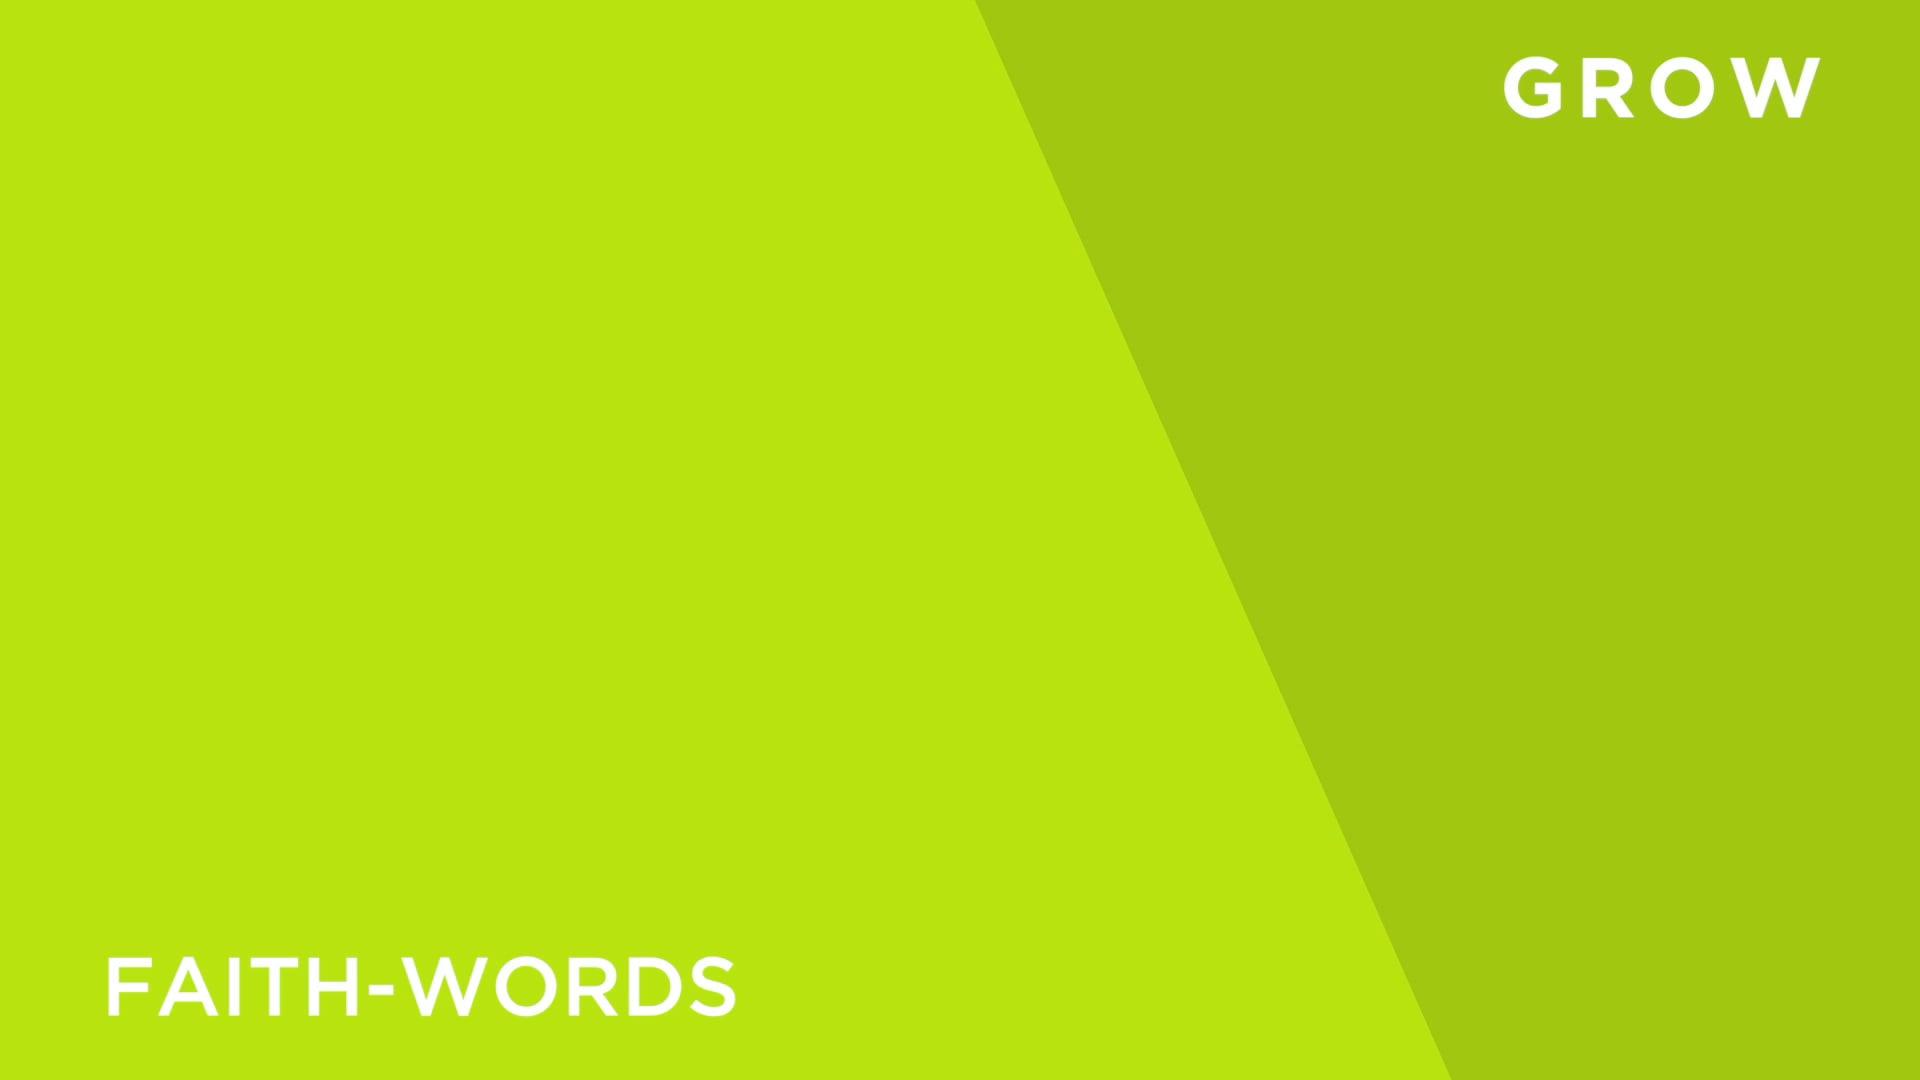 Faith [3] -Words